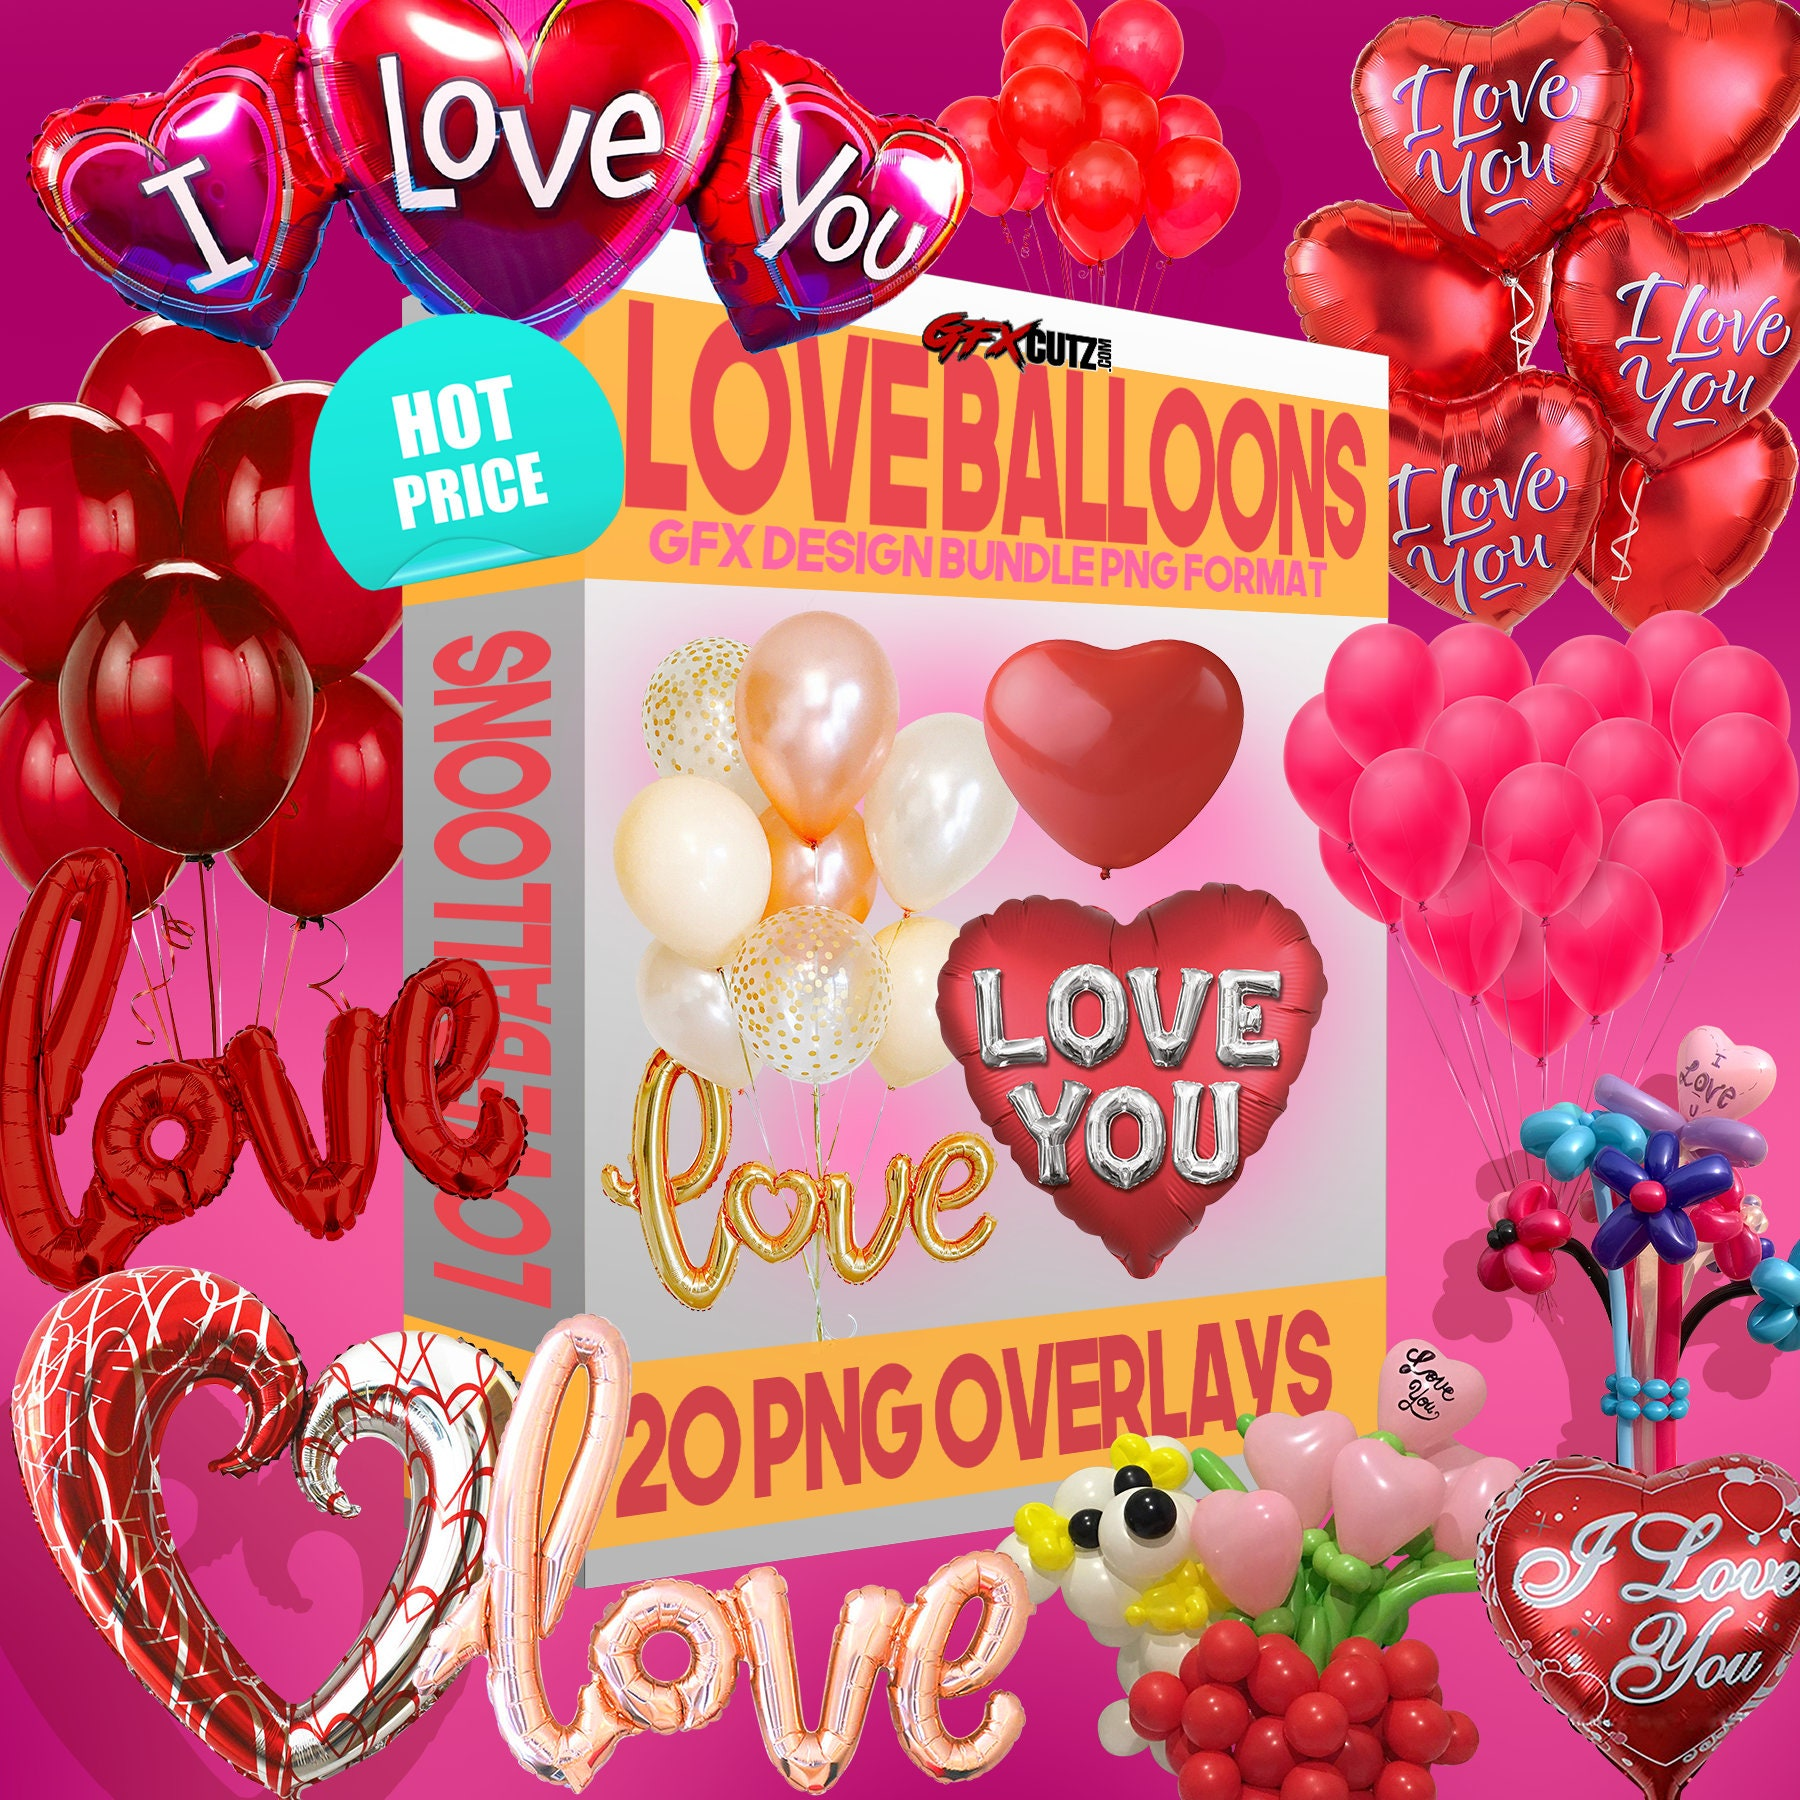 Love, Balloon Overlay, Photoshop Overlays, Png, Balloon